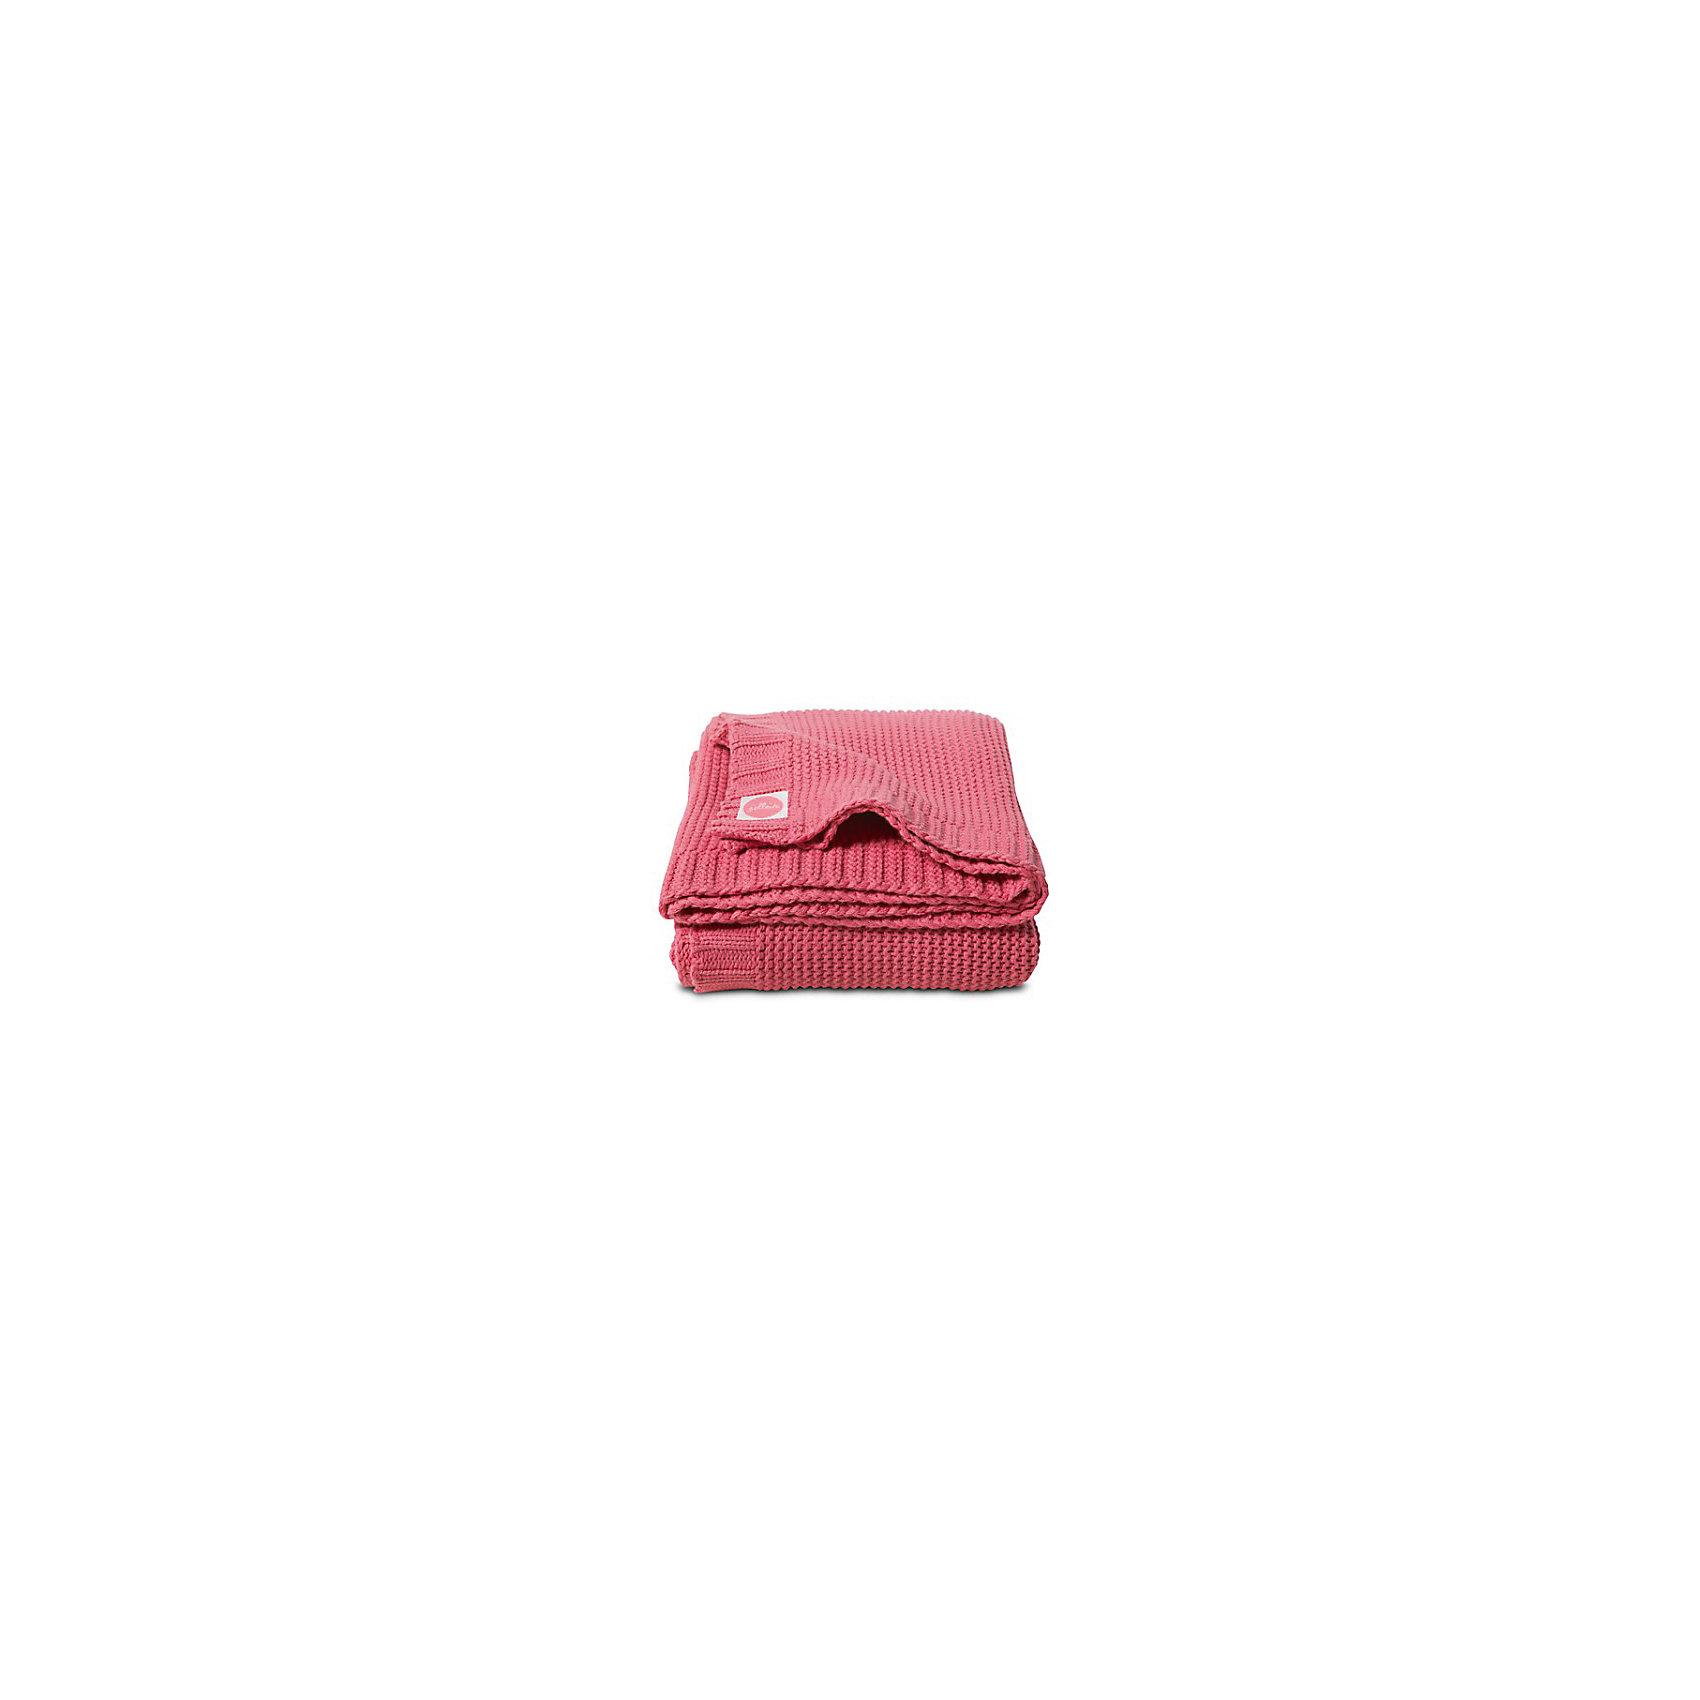 Вязаный плед Chunky Knit 100х150 см, Jollein, RasberryВязаный плед Chunky Knit 100х150 см, цвет rasberry (малиновый) Состав: 50% хлопок, 50% акрил, двойное плетение, очень теплый. Акрил делает плед теплее, прочнее, легче и практичнее. Акрил -искусственная шерсть обладает гипоаллергенными и антибактериальными свойствами, имеет свойство не притягивать пыль,он легче отстирывается и быстрее сохнет. А хлопок улучшает гигроскопичность и дышащие качества такого пледа. Идеальное сочетание для малышей<br><br>Ширина мм: 310<br>Глубина мм: 270<br>Высота мм: 60<br>Вес г: 876<br>Возраст от месяцев: 0<br>Возраст до месяцев: 36<br>Пол: Унисекс<br>Возраст: Детский<br>SKU: 5367171